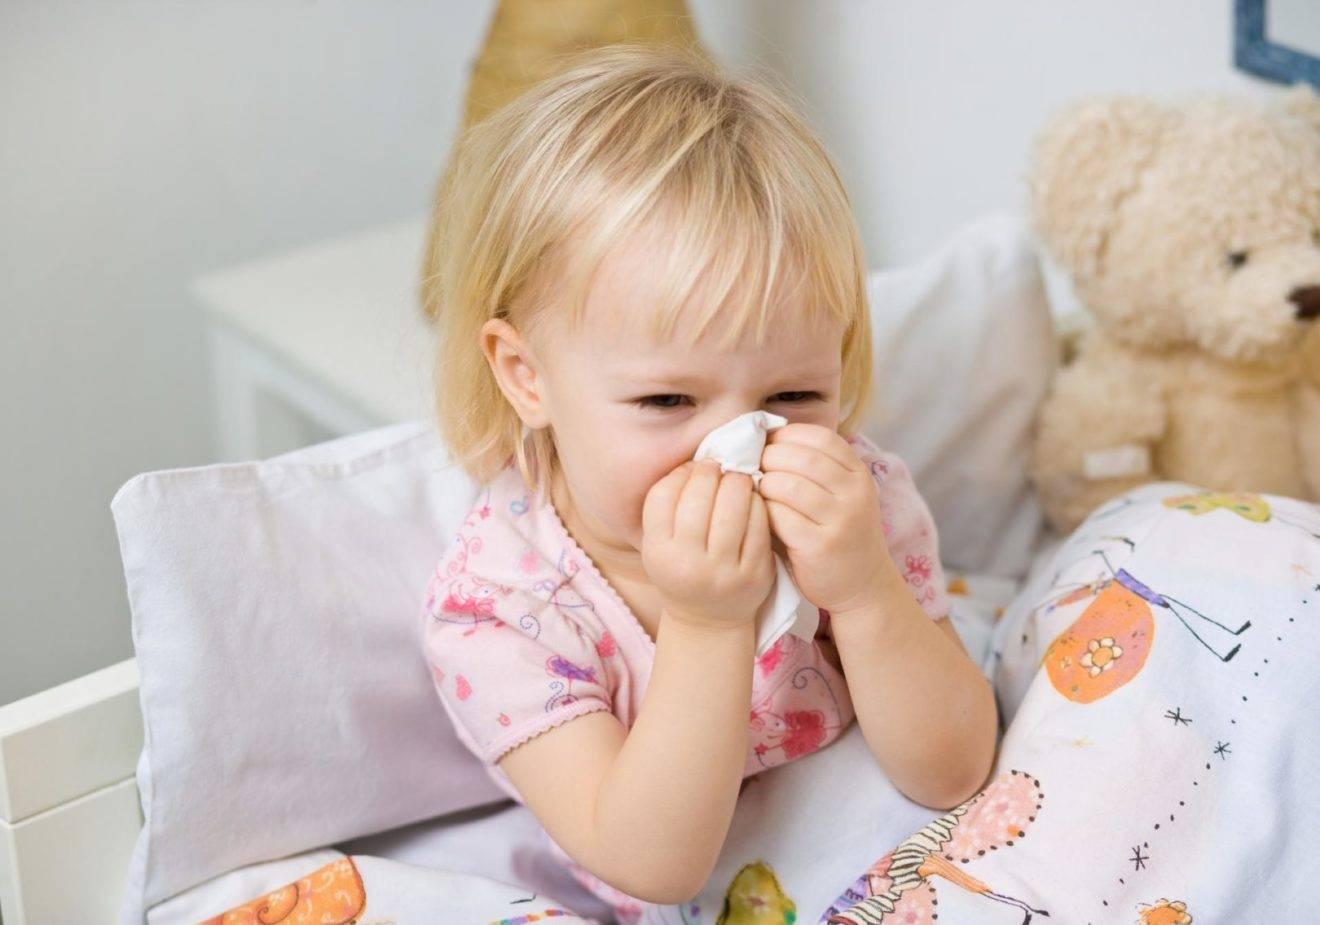 Ребенок шмыгает носом, но соплей нет